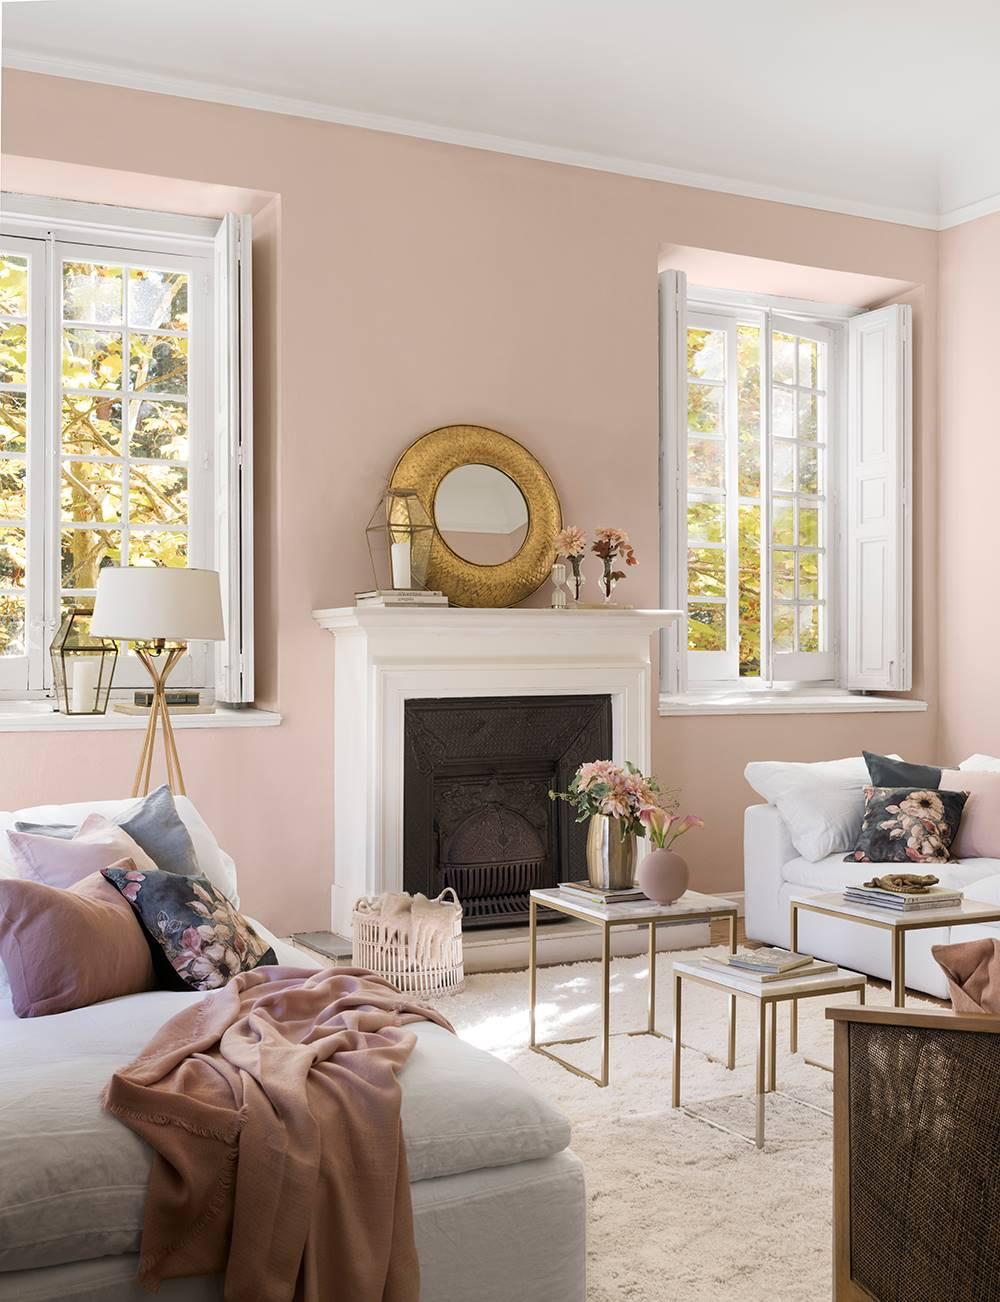 Cambio-look-salón-00497474. Rosa + blanco llenan el salón de luz 粉色客厅